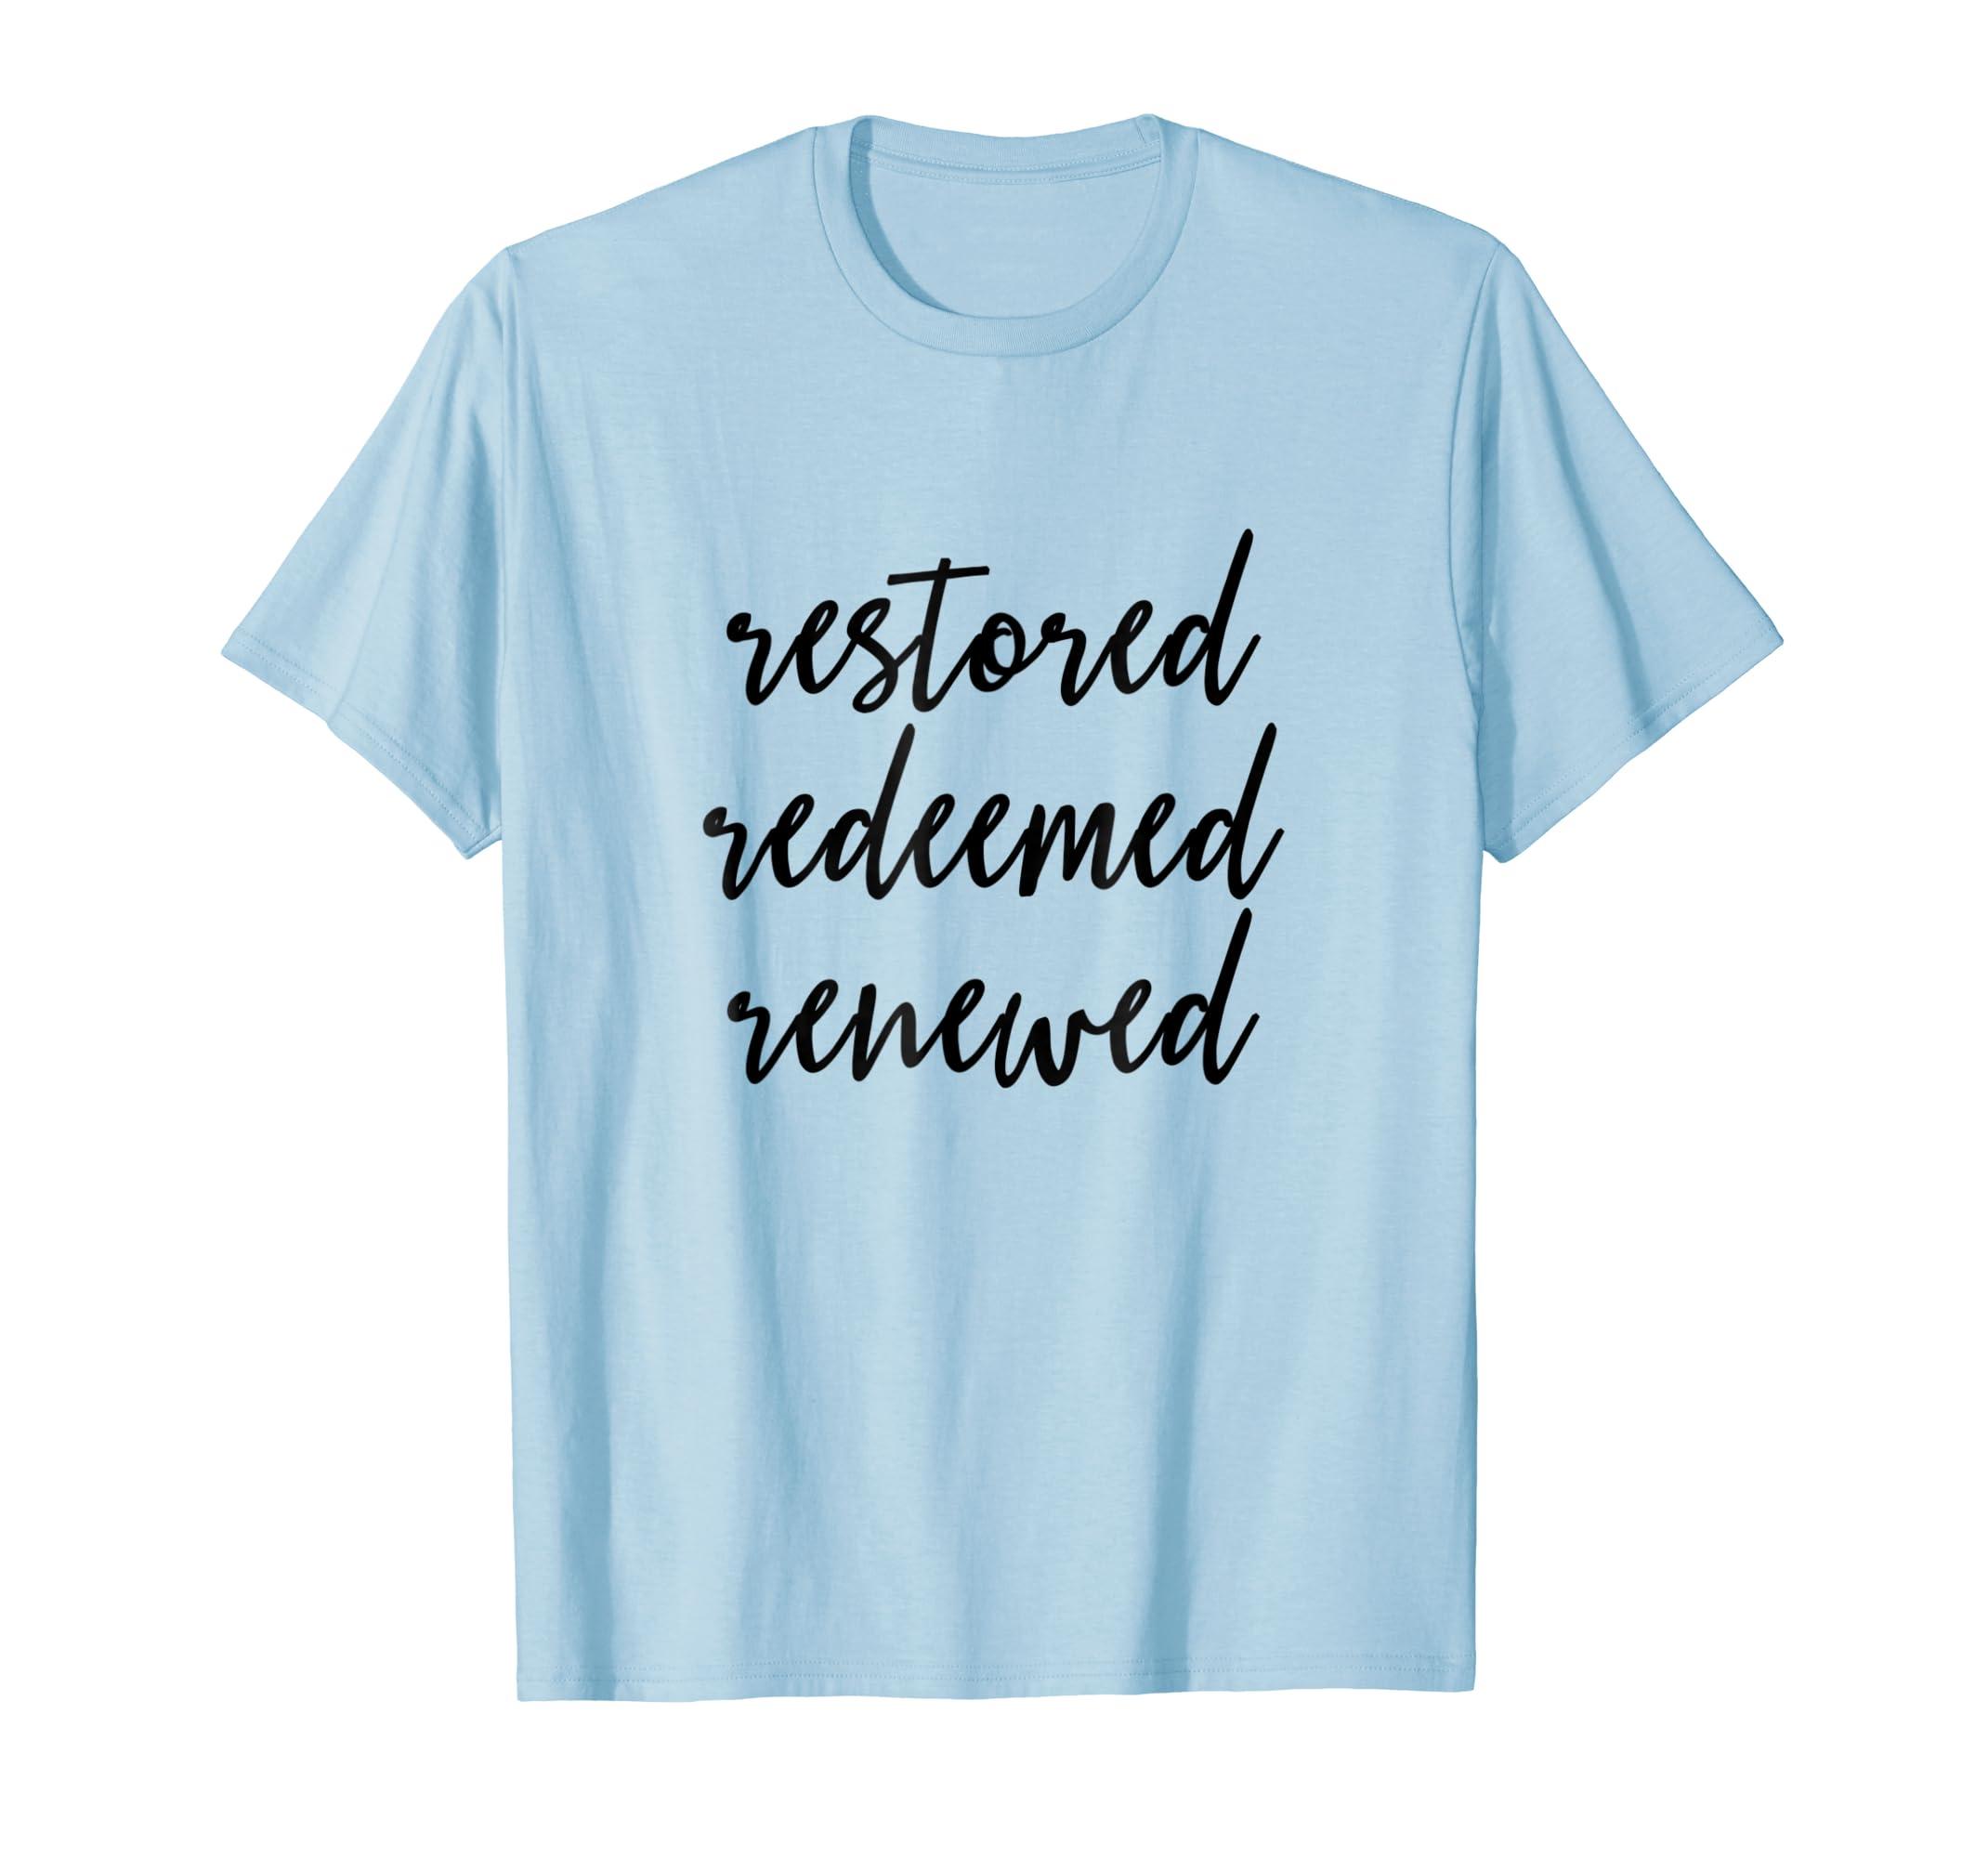 Restored Redeemed Renewed   Christian Bible Verse T Shirt